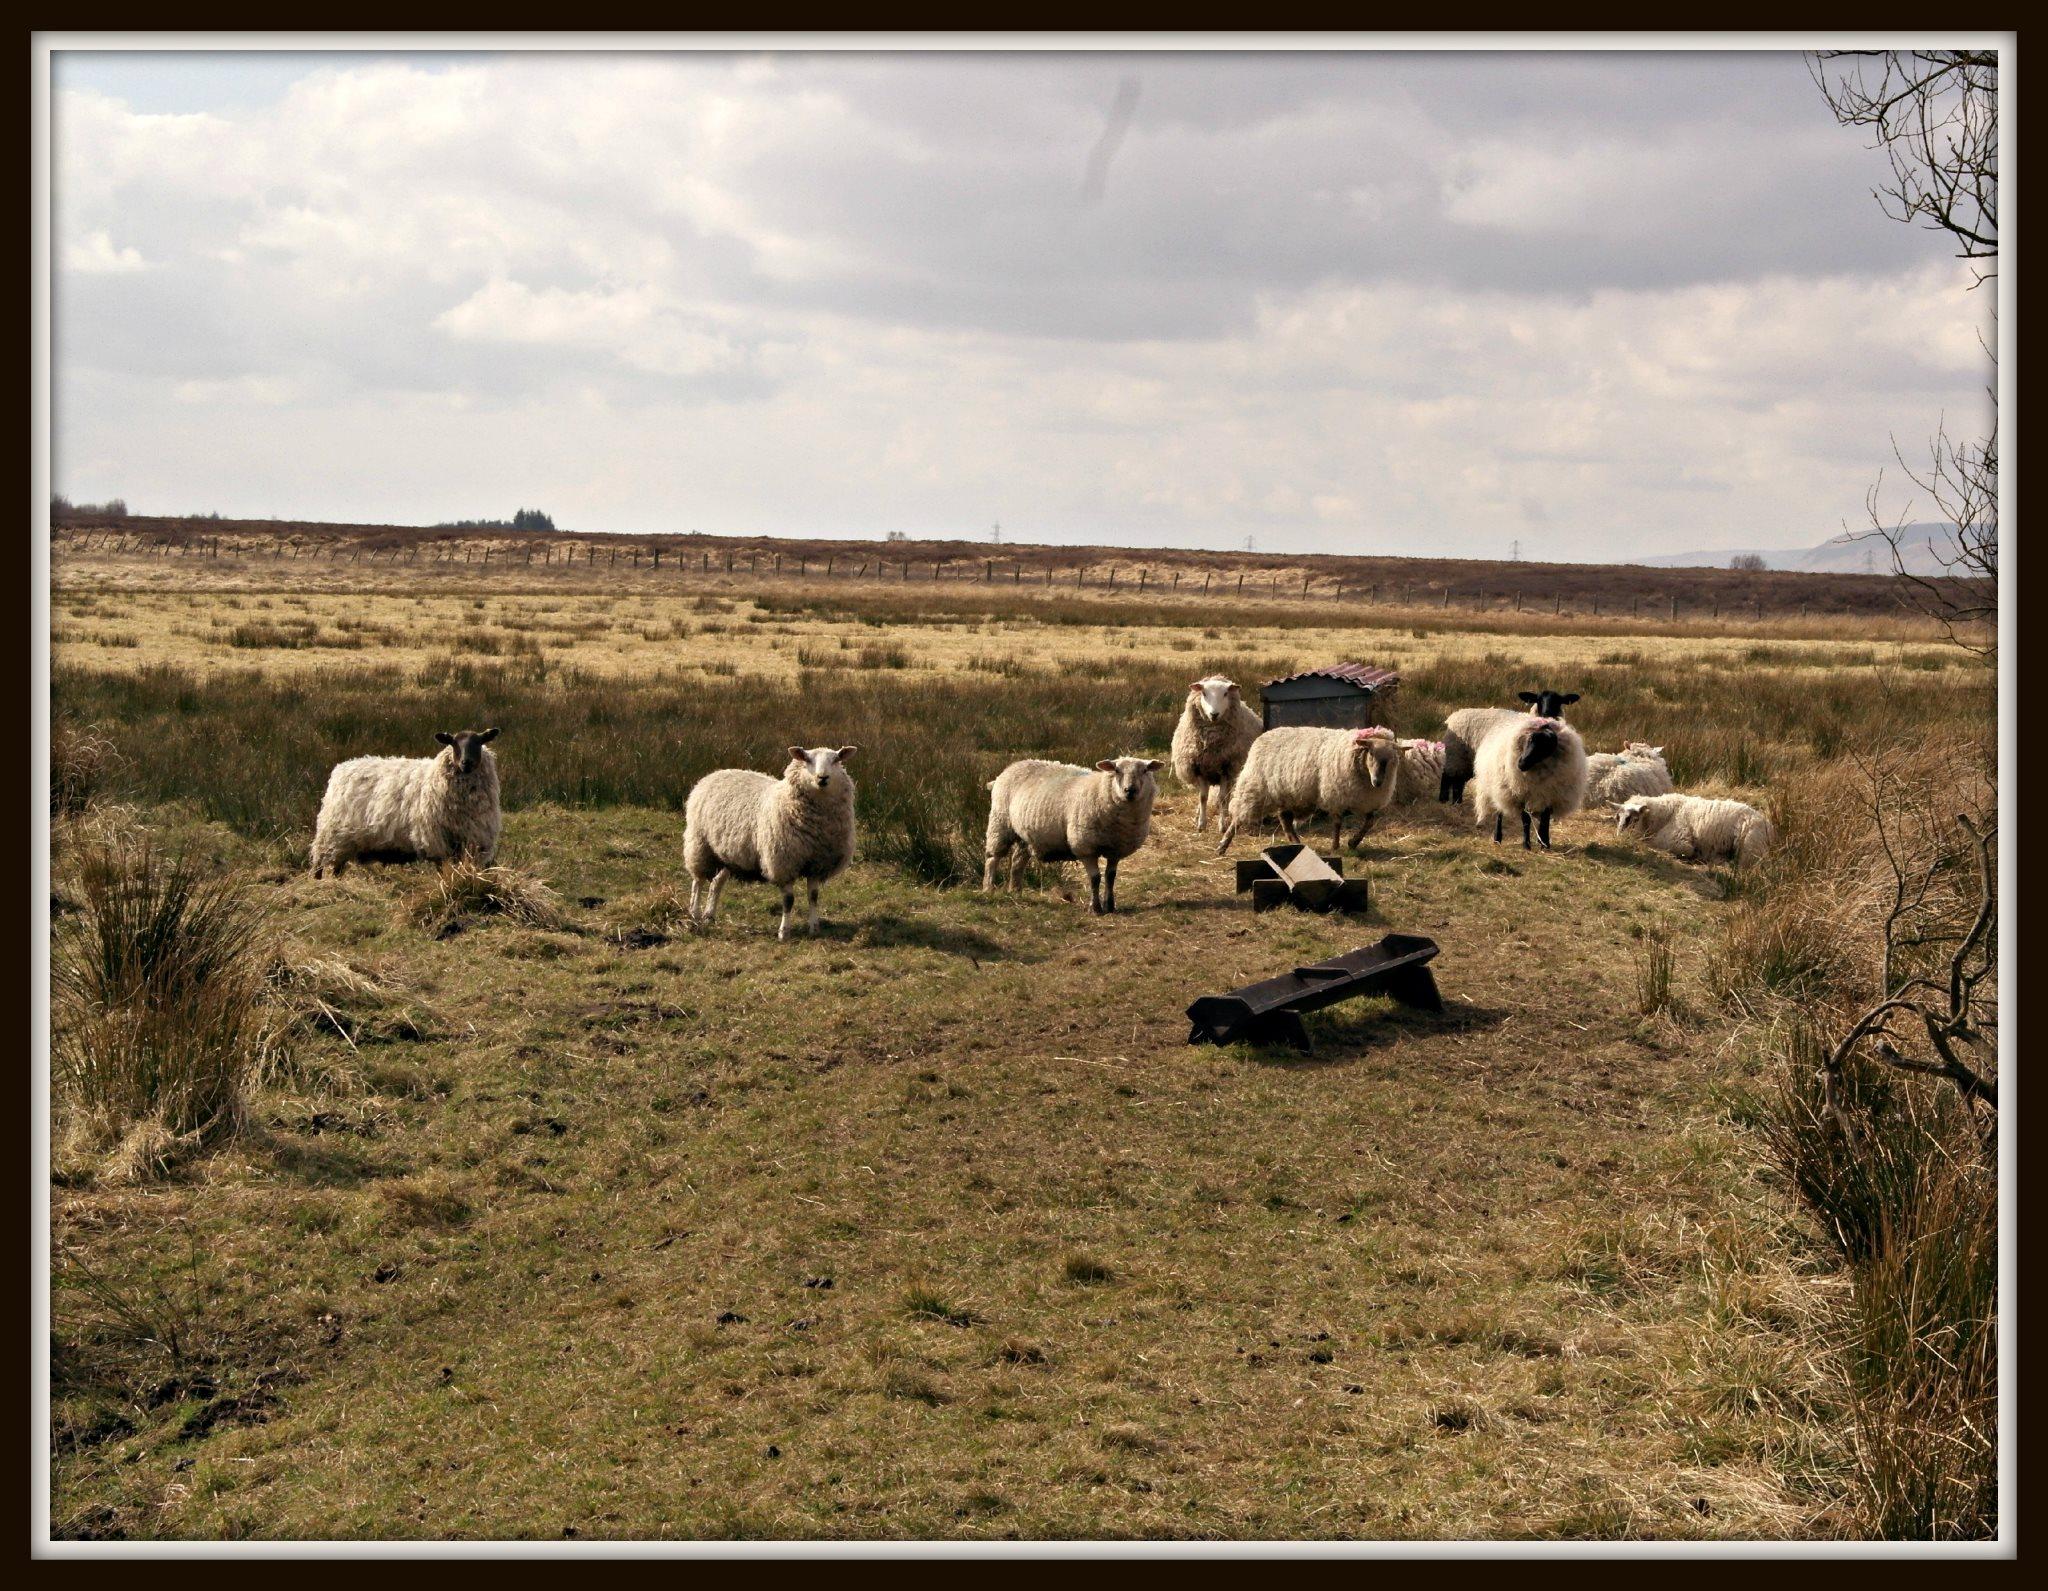 Lowland landscape, with sheep! #MySundayPhoto